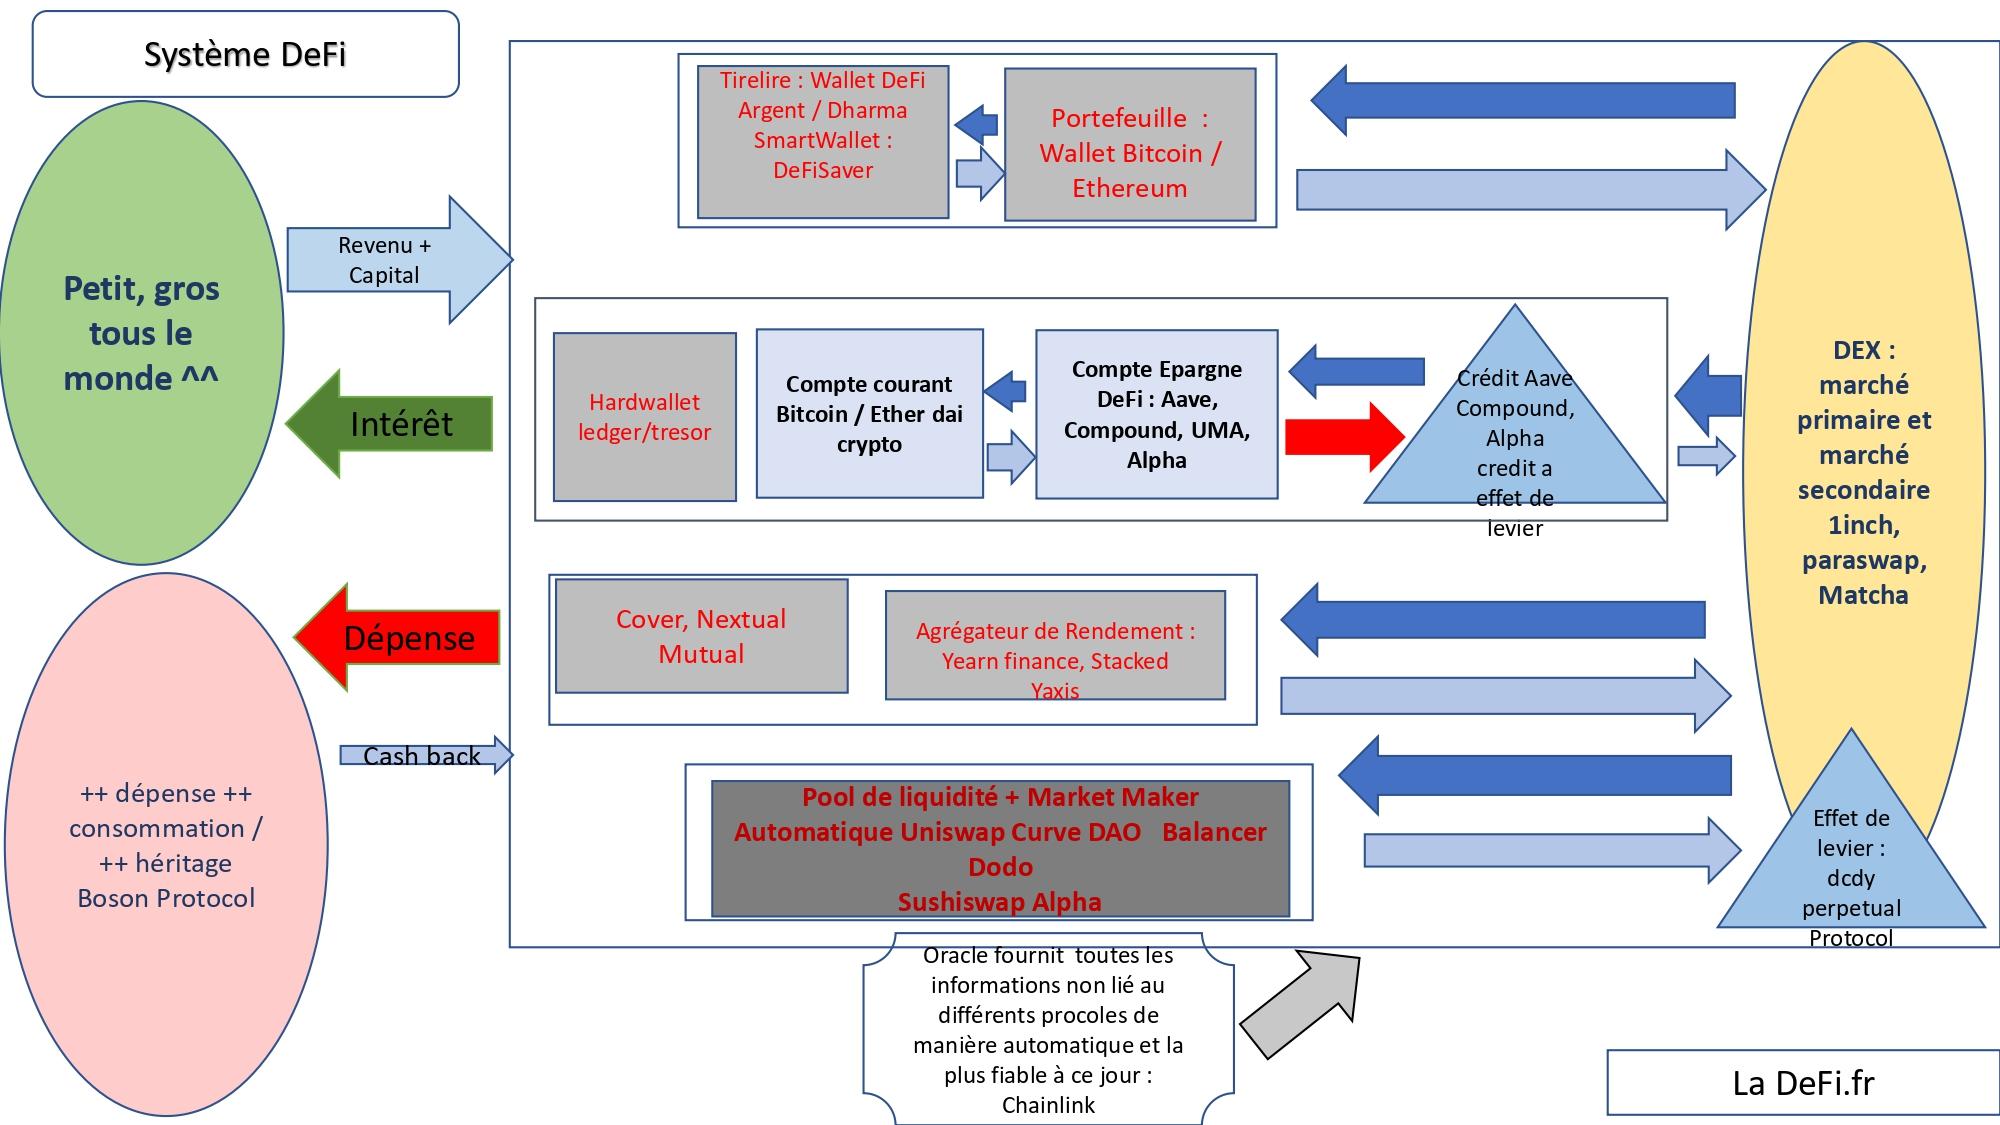 Schéma du Système DeFi